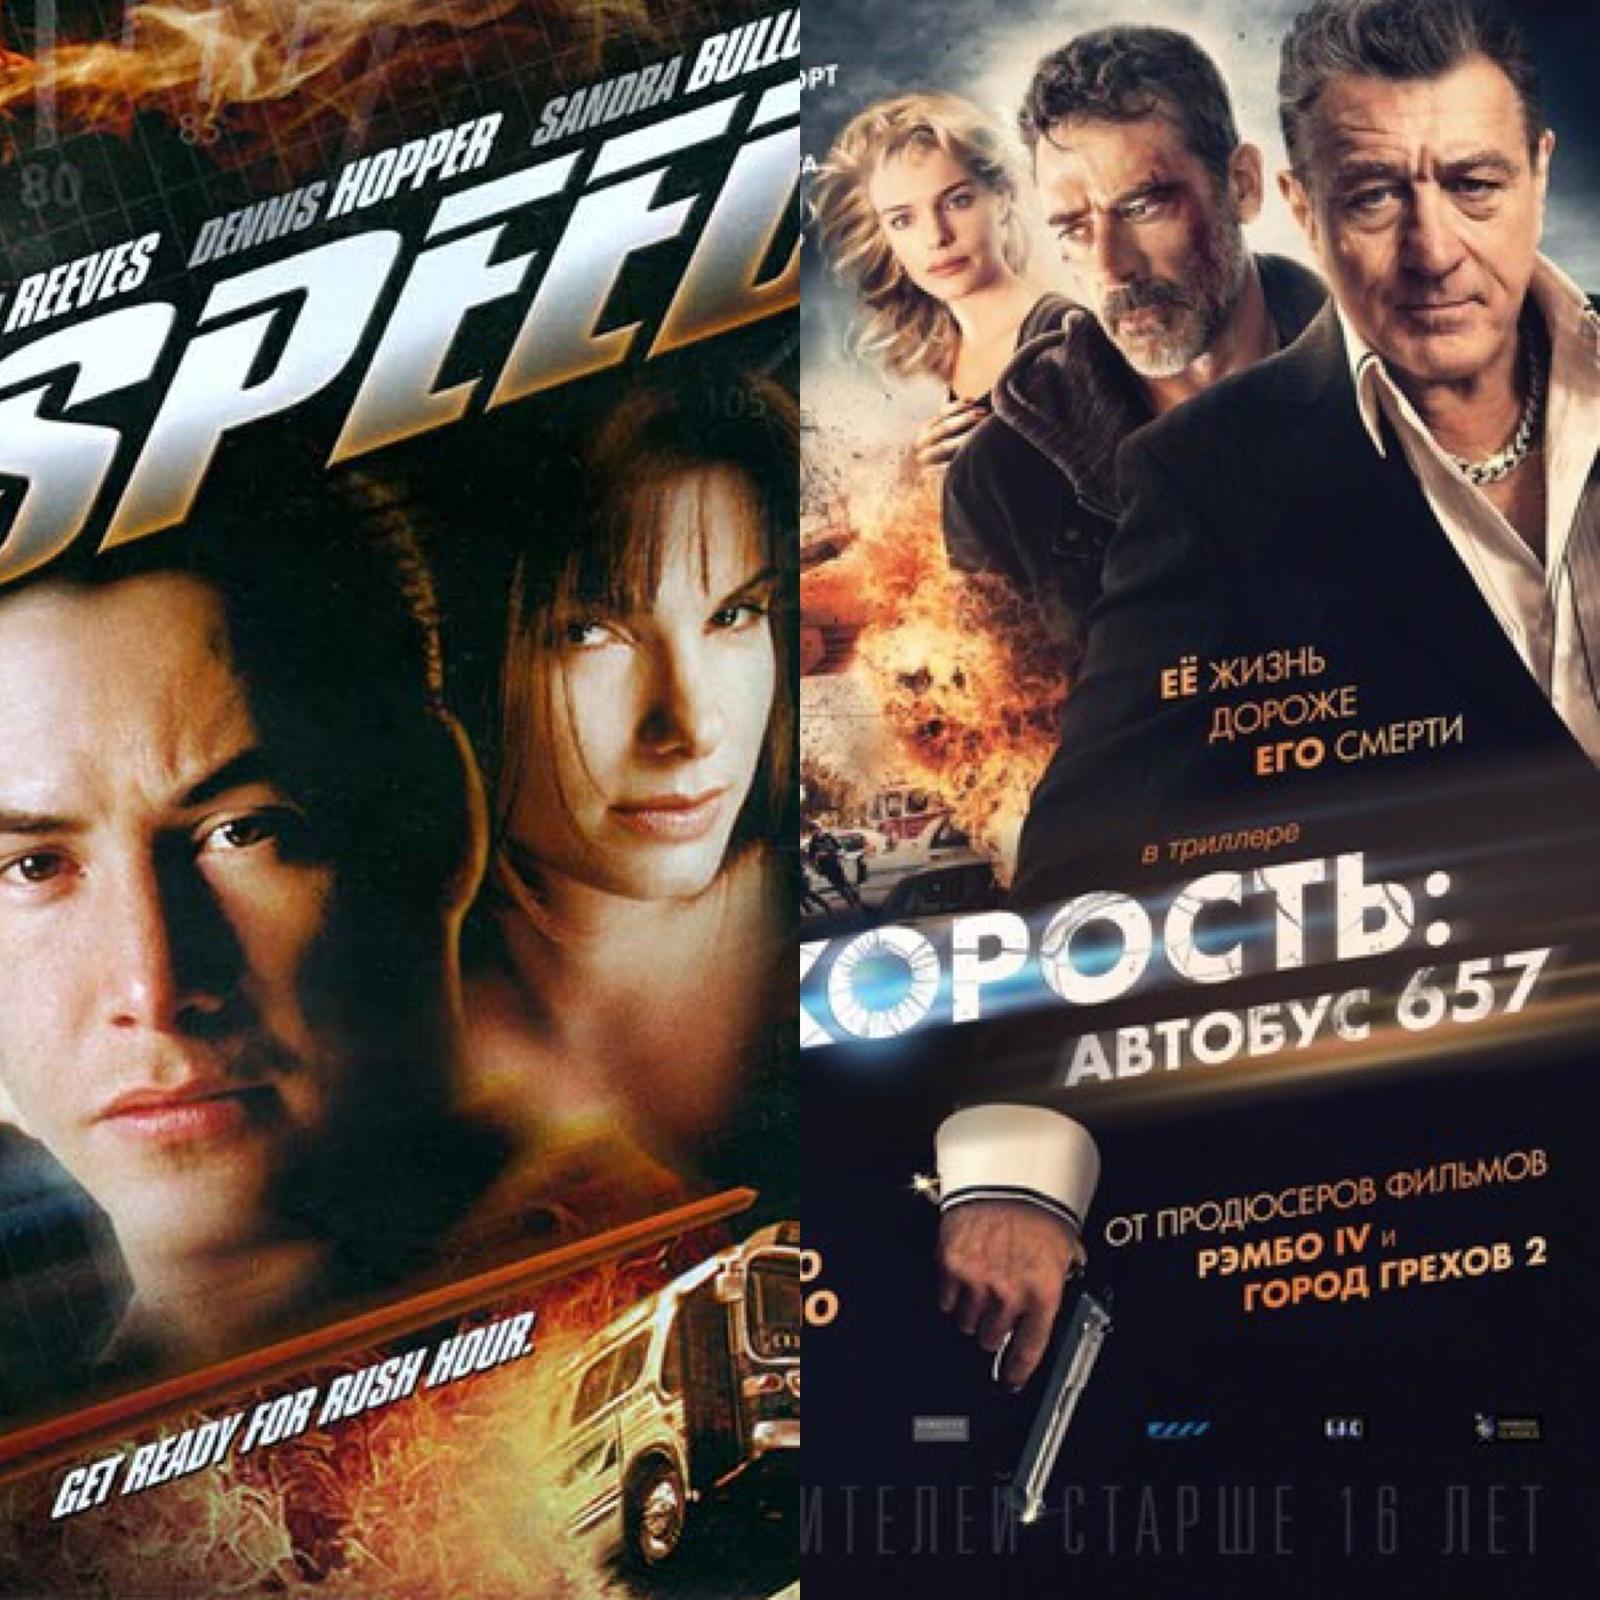 Порно фильмы с разного сюжета